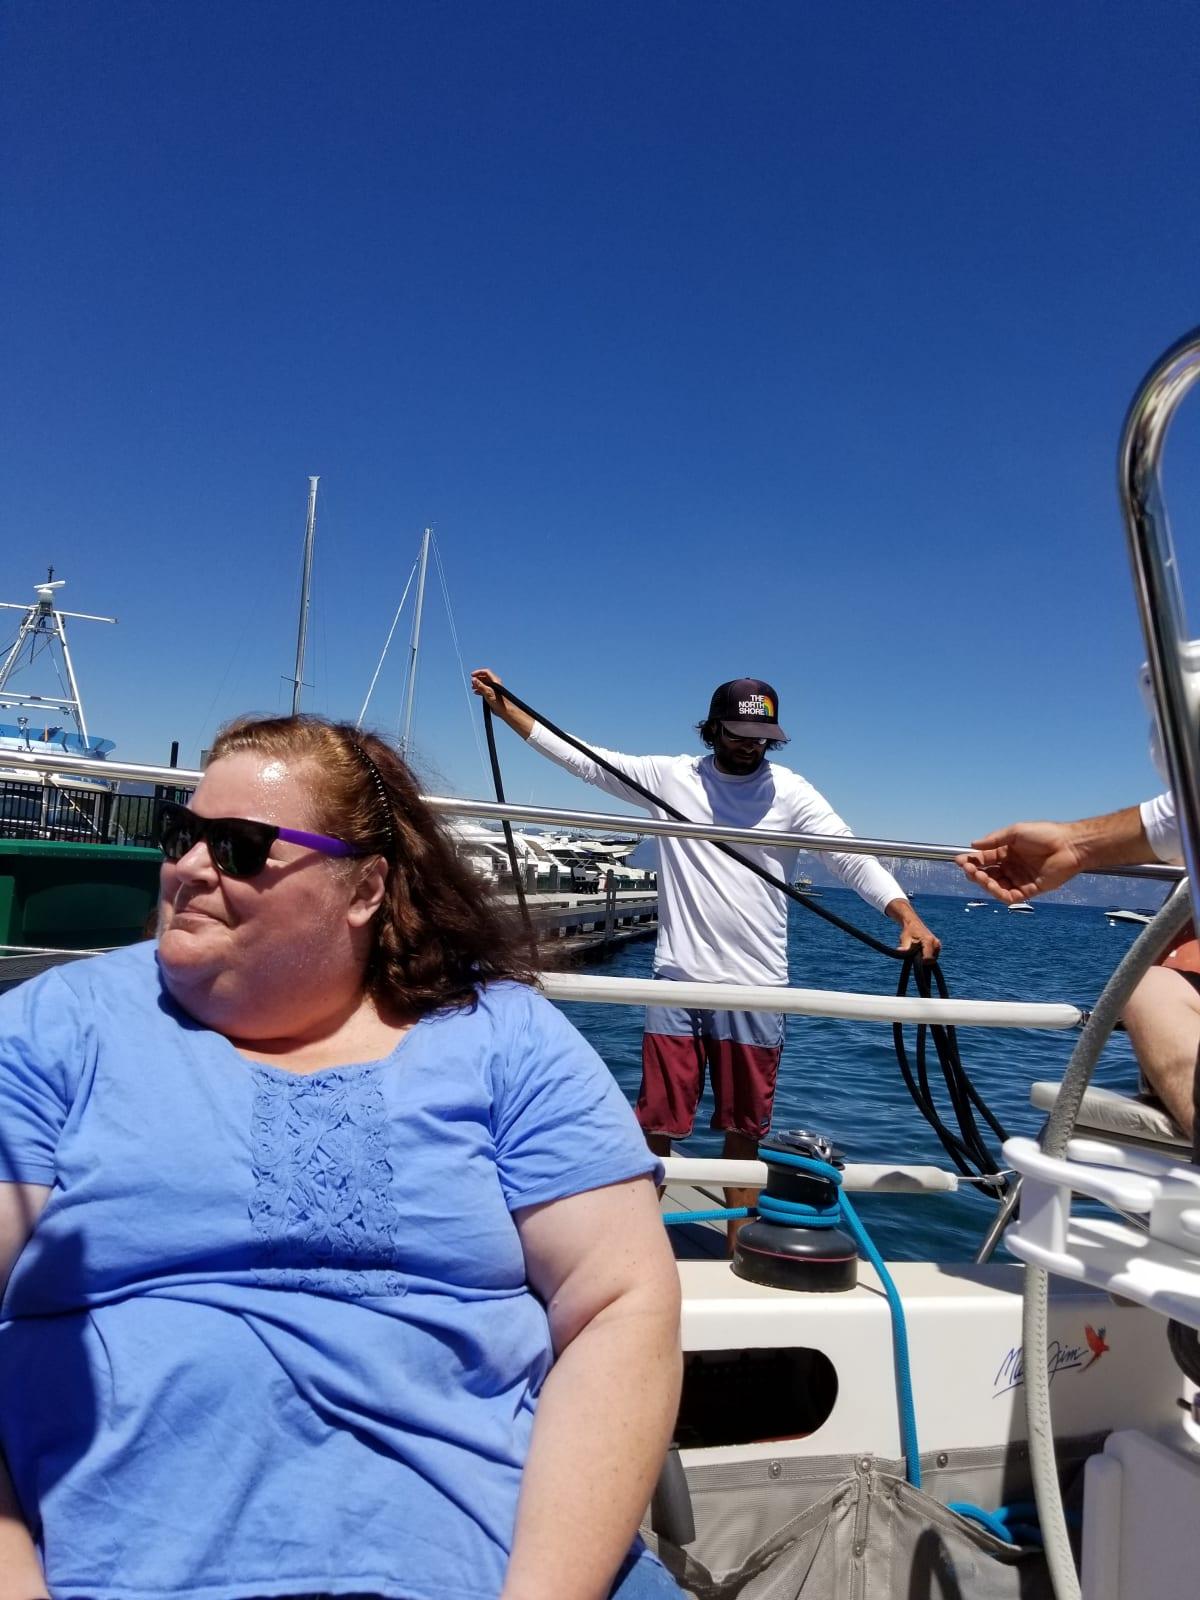 Kathy sailing